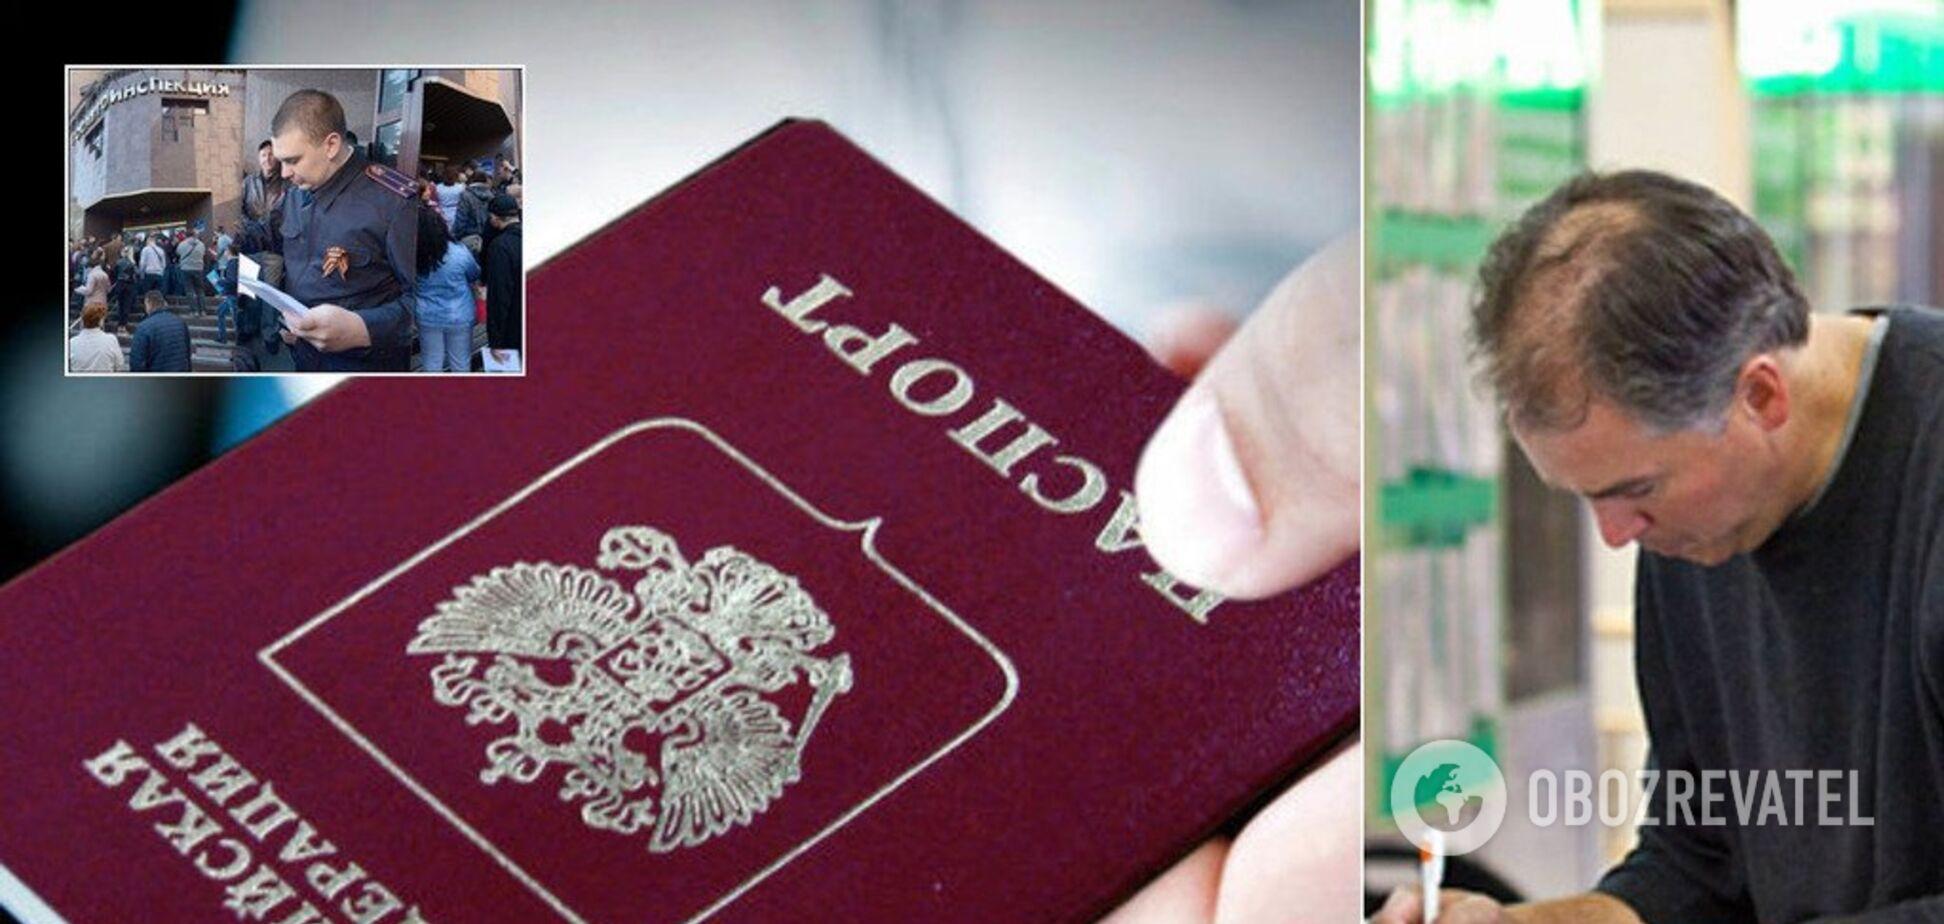 Видача паспортів Росії на Донбасі: Україна вдалася до радикальних заходів